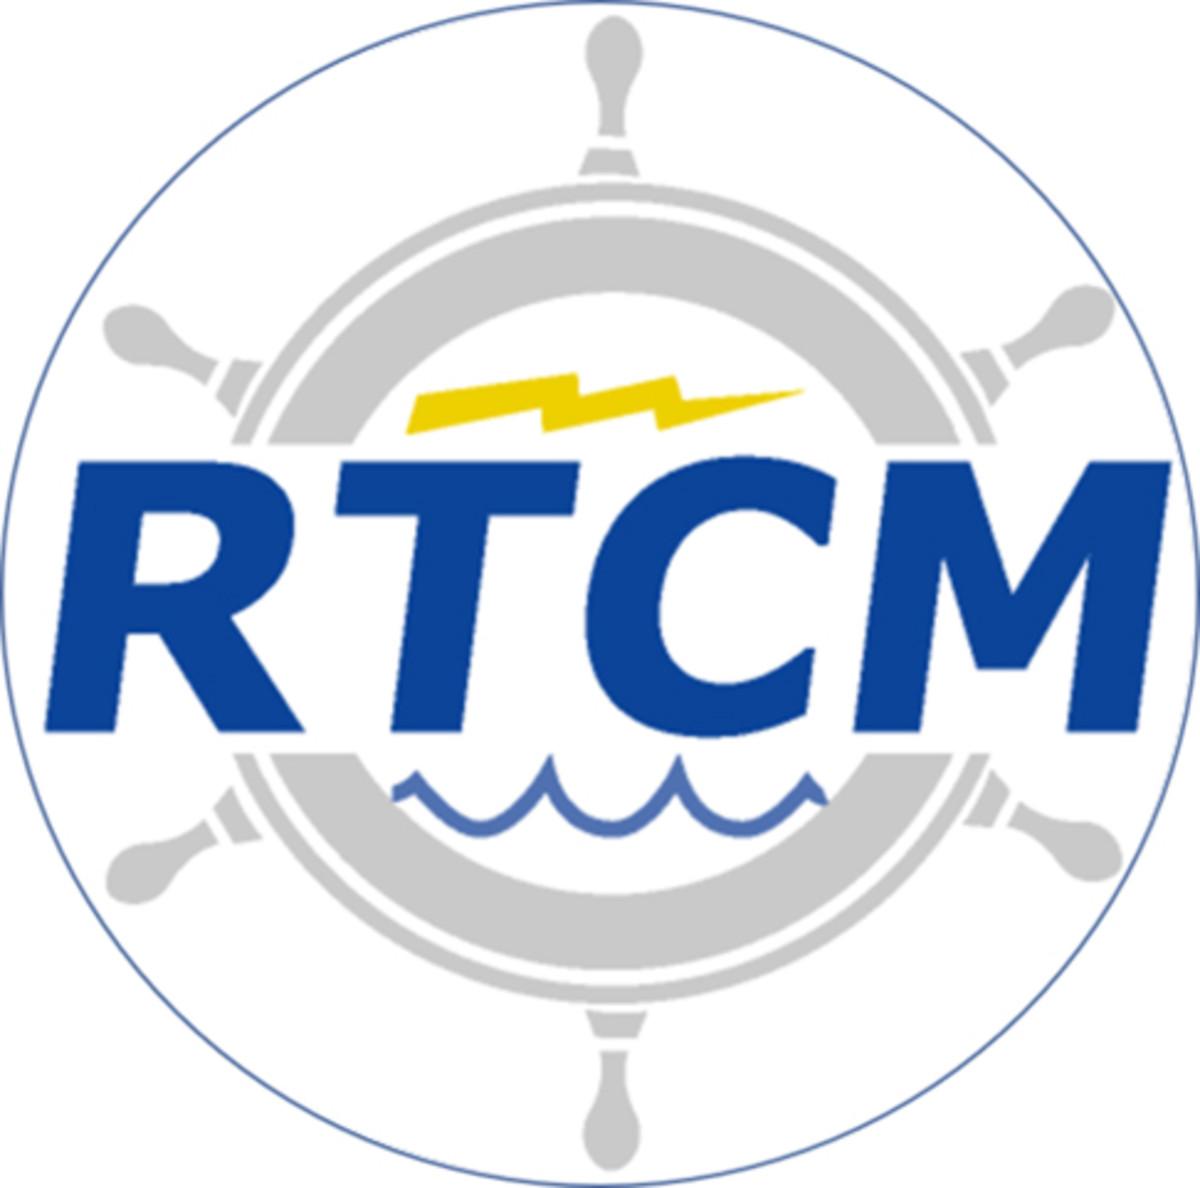 RTCM_Logo_circle_235x235@2x